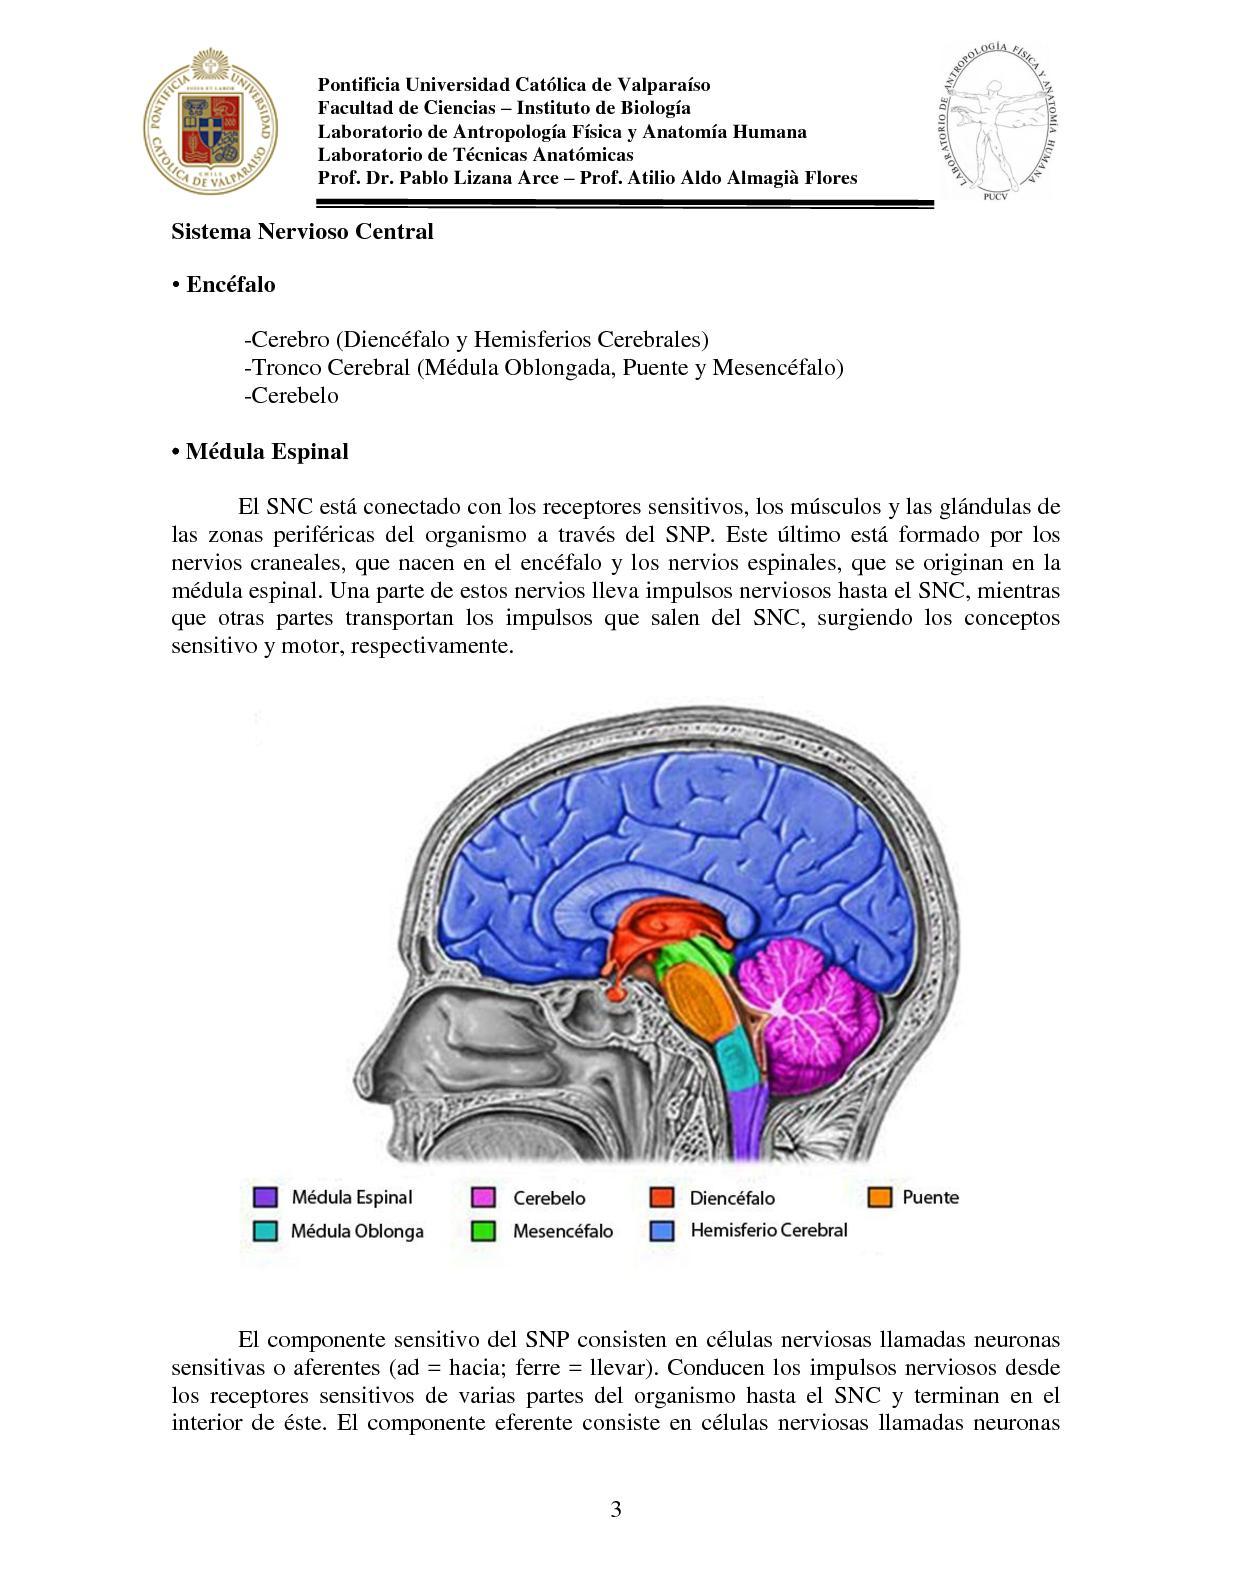 Contemporáneo Anatomía De Las Células Cerebrales Imagen - Anatomía ...